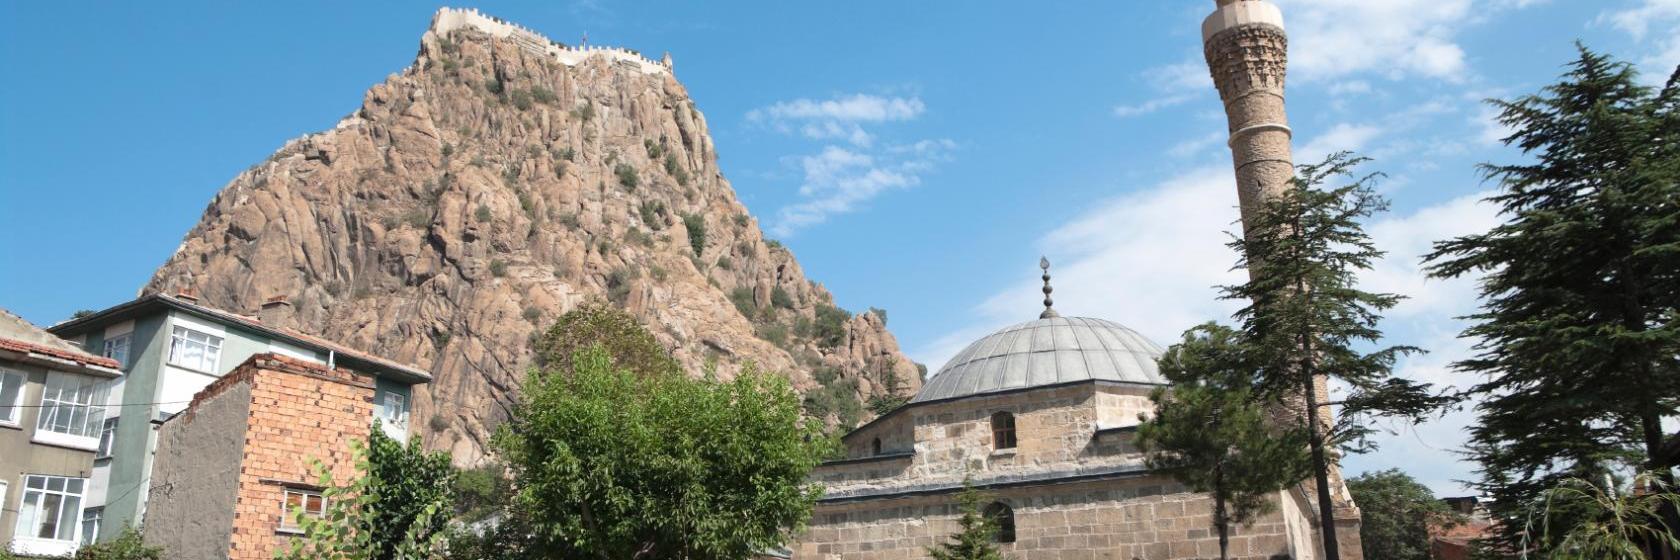 10 Te Naj Dobri Hoteli V Afion Turciya Na Cena Ot Bgn 68